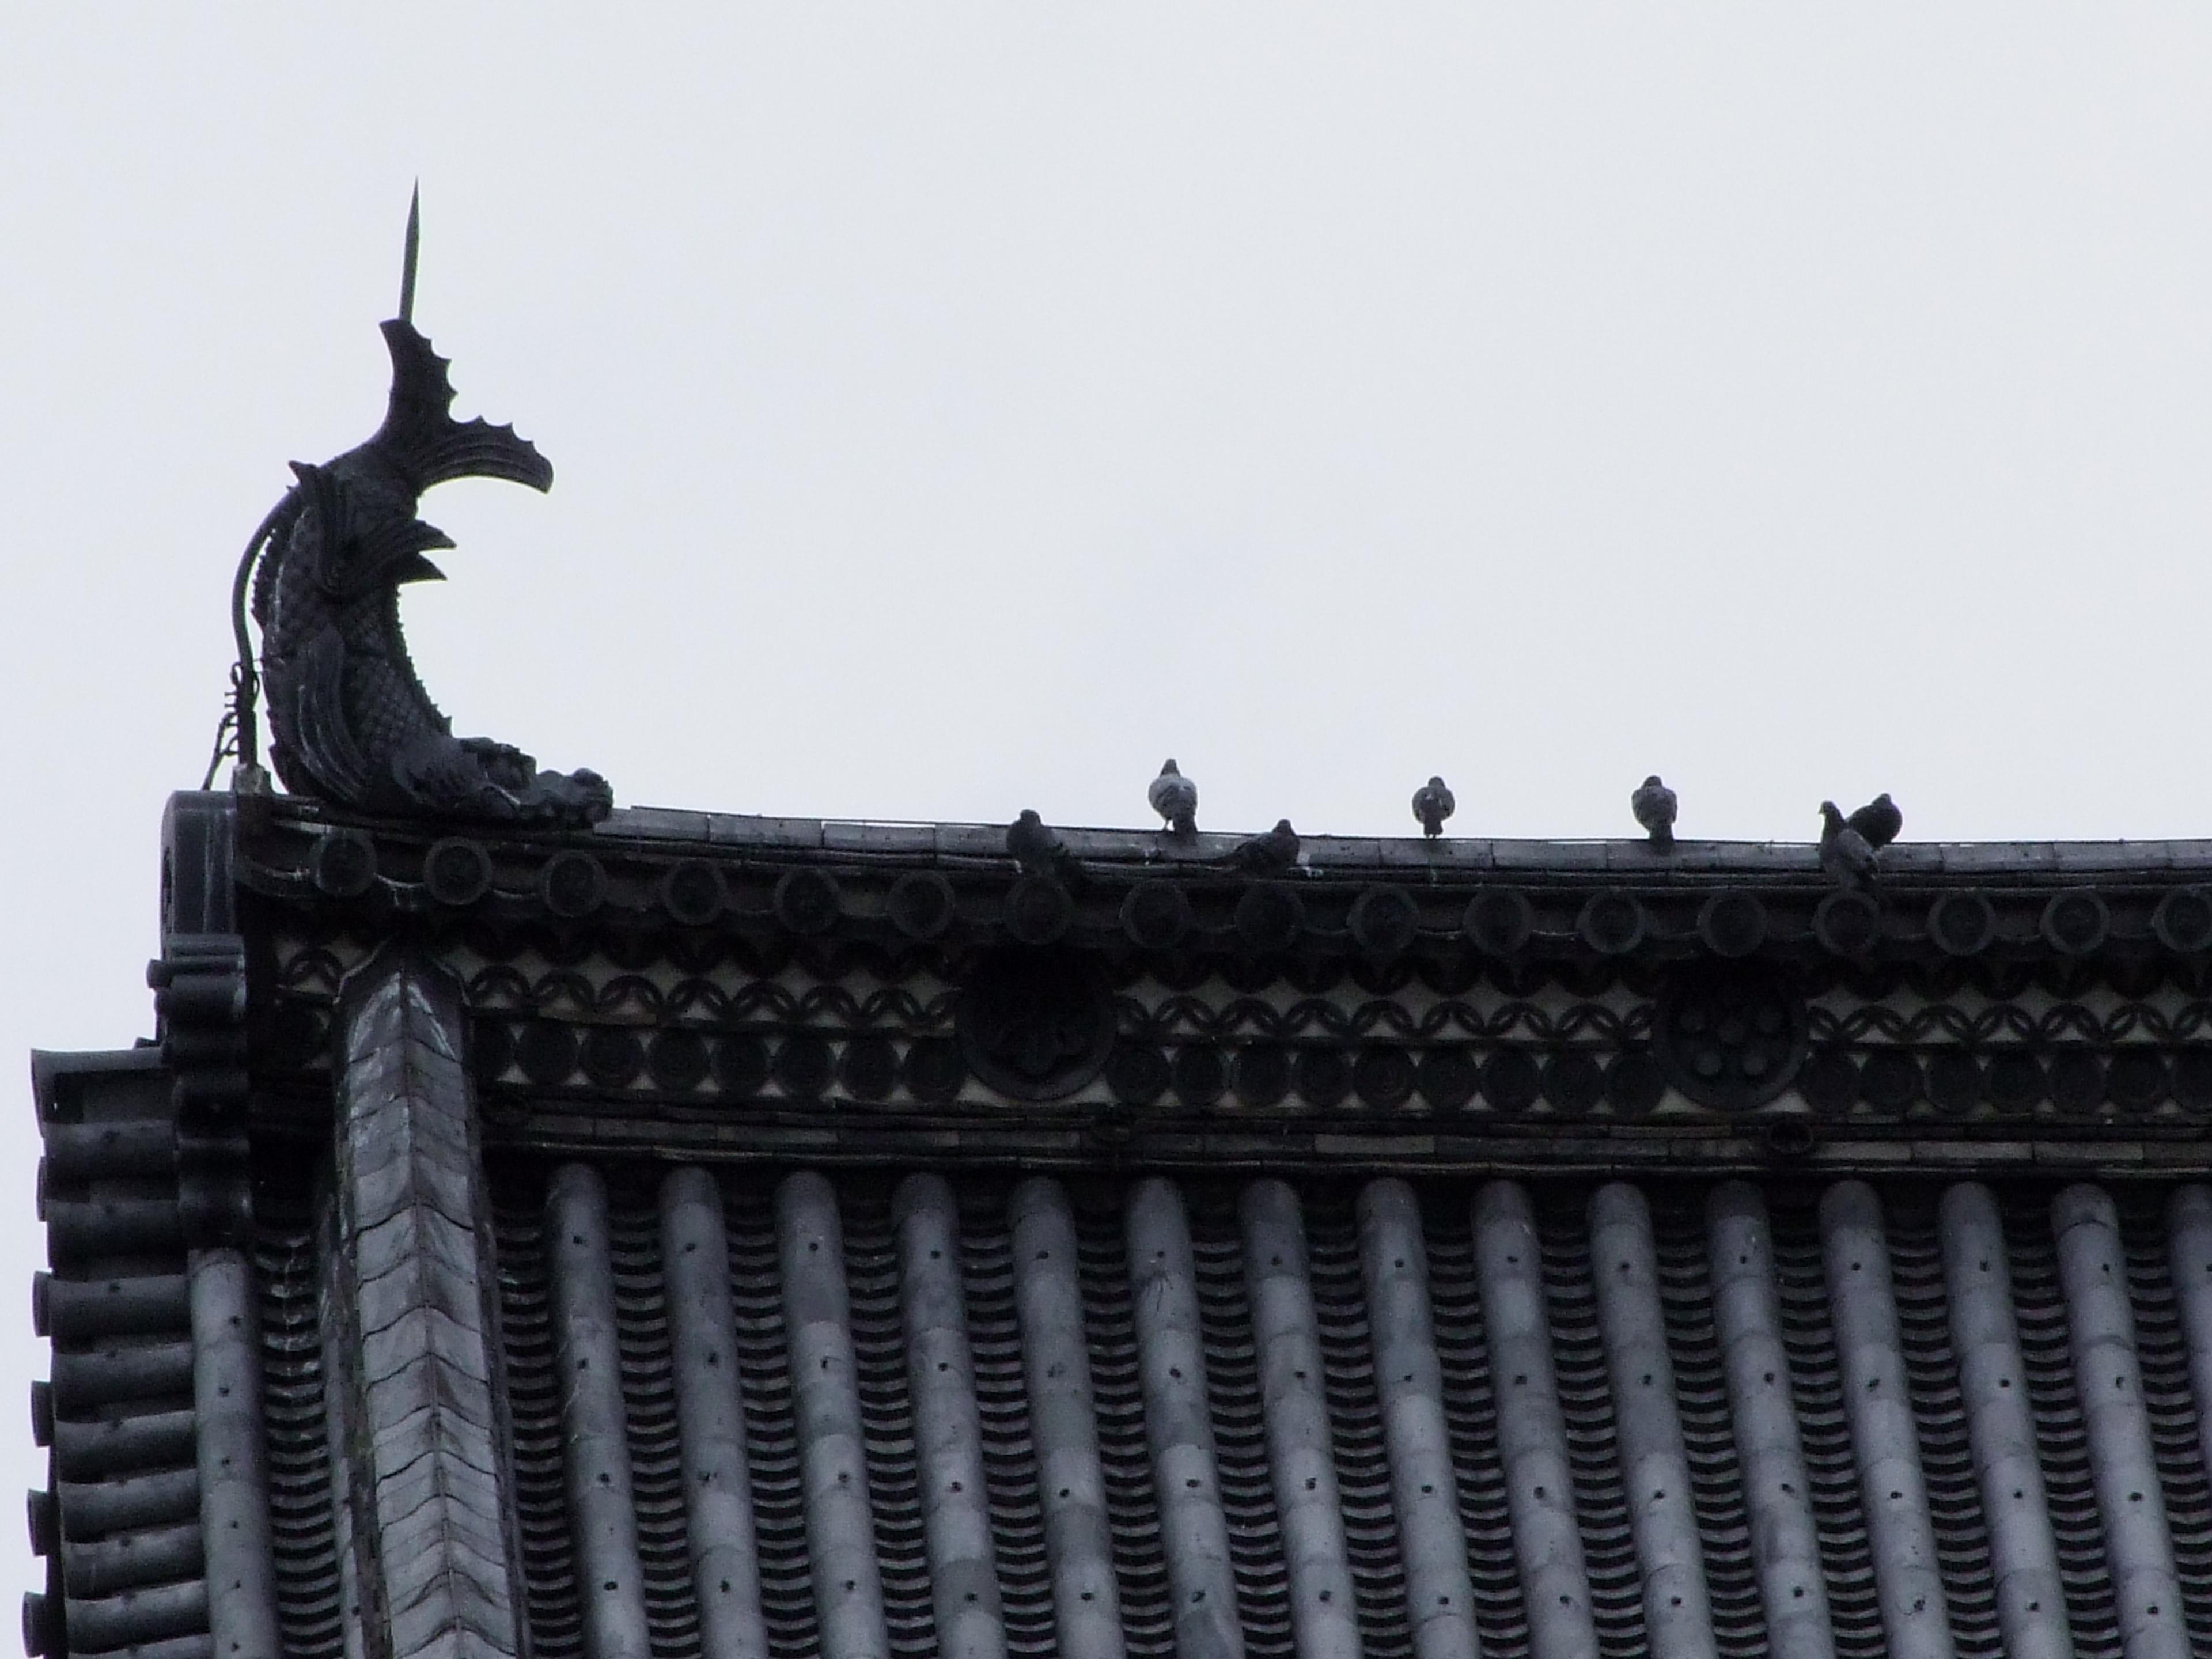 dettaglio del tetto